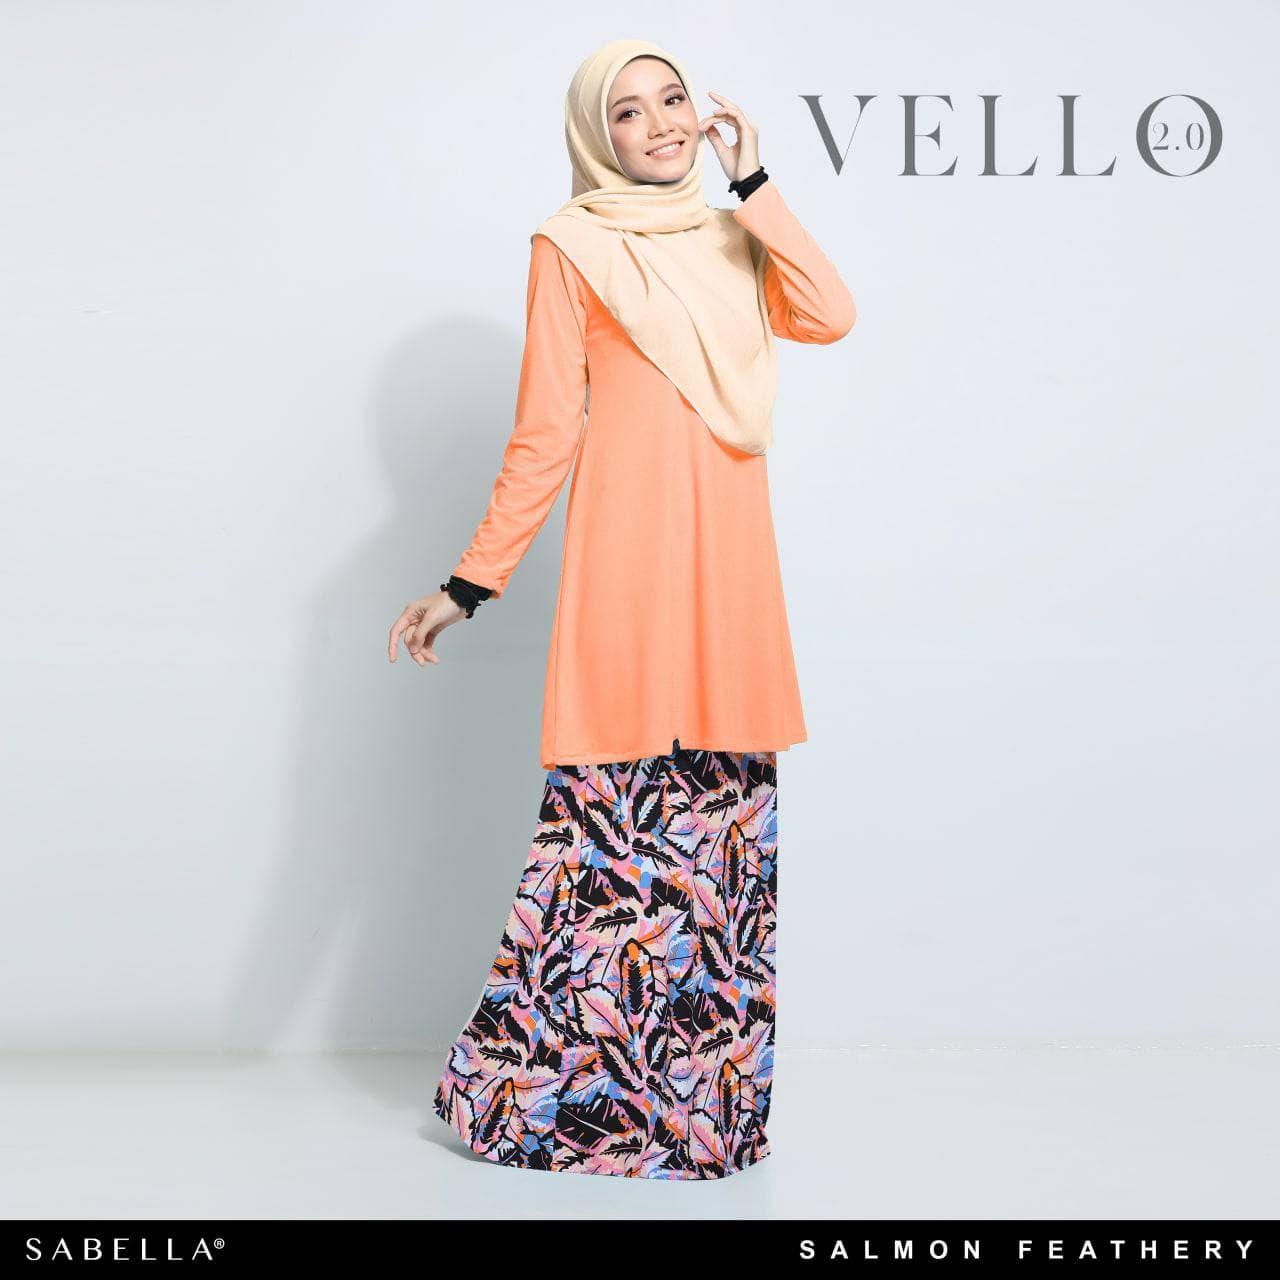 Vello 2.0 Salmon Feathery